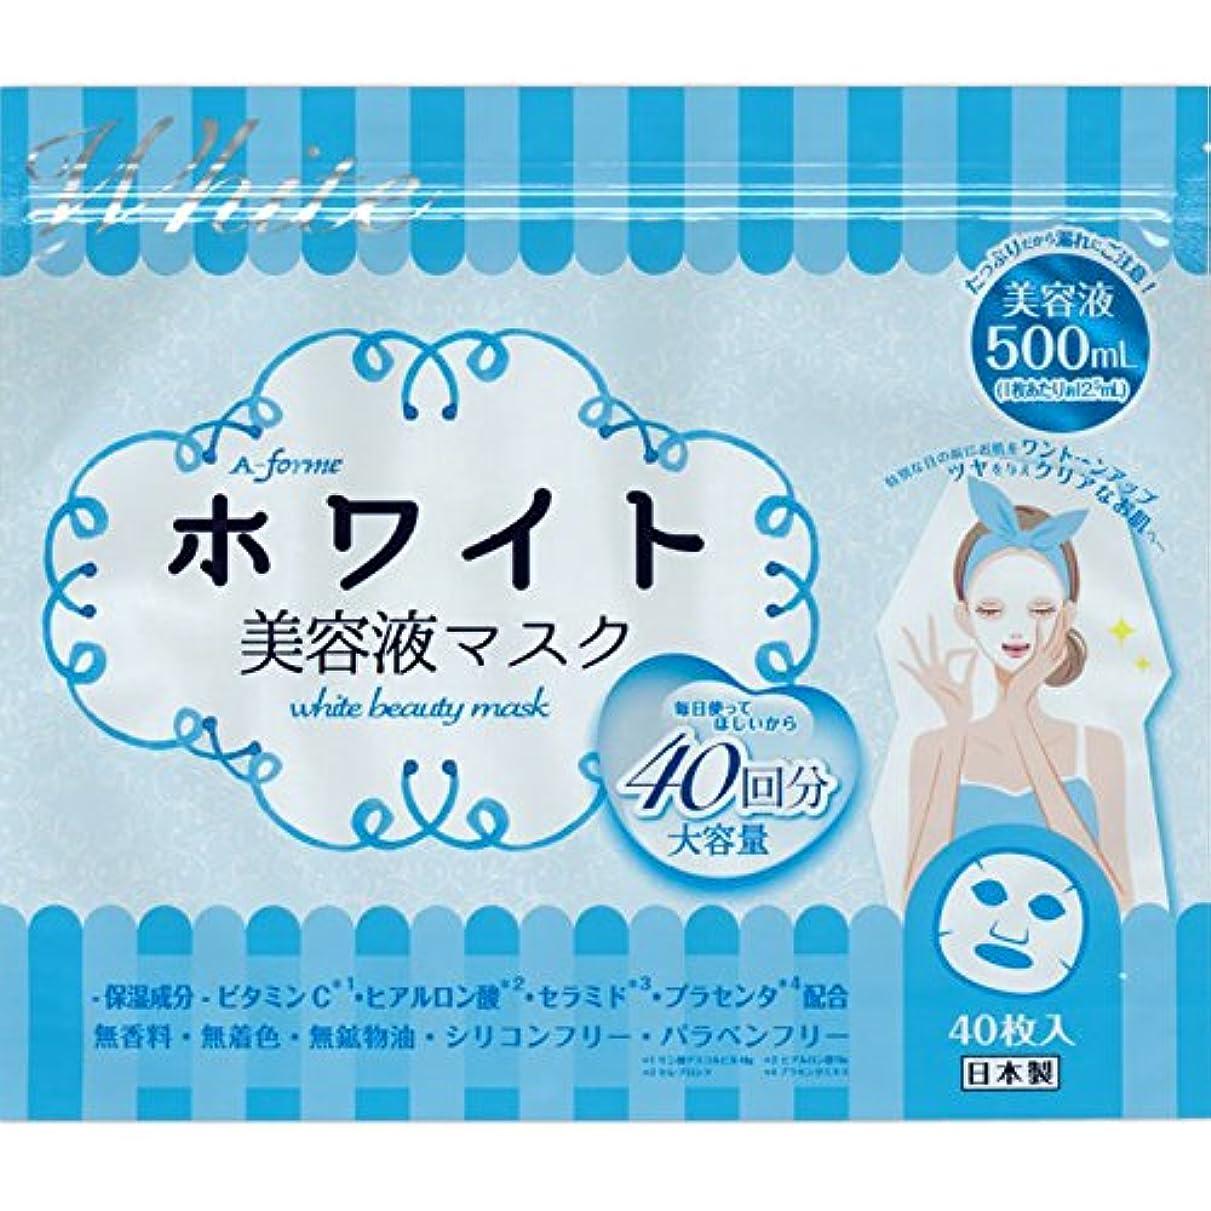 価格著作権密エーフォルム ホワイト美容液マスク40枚×9